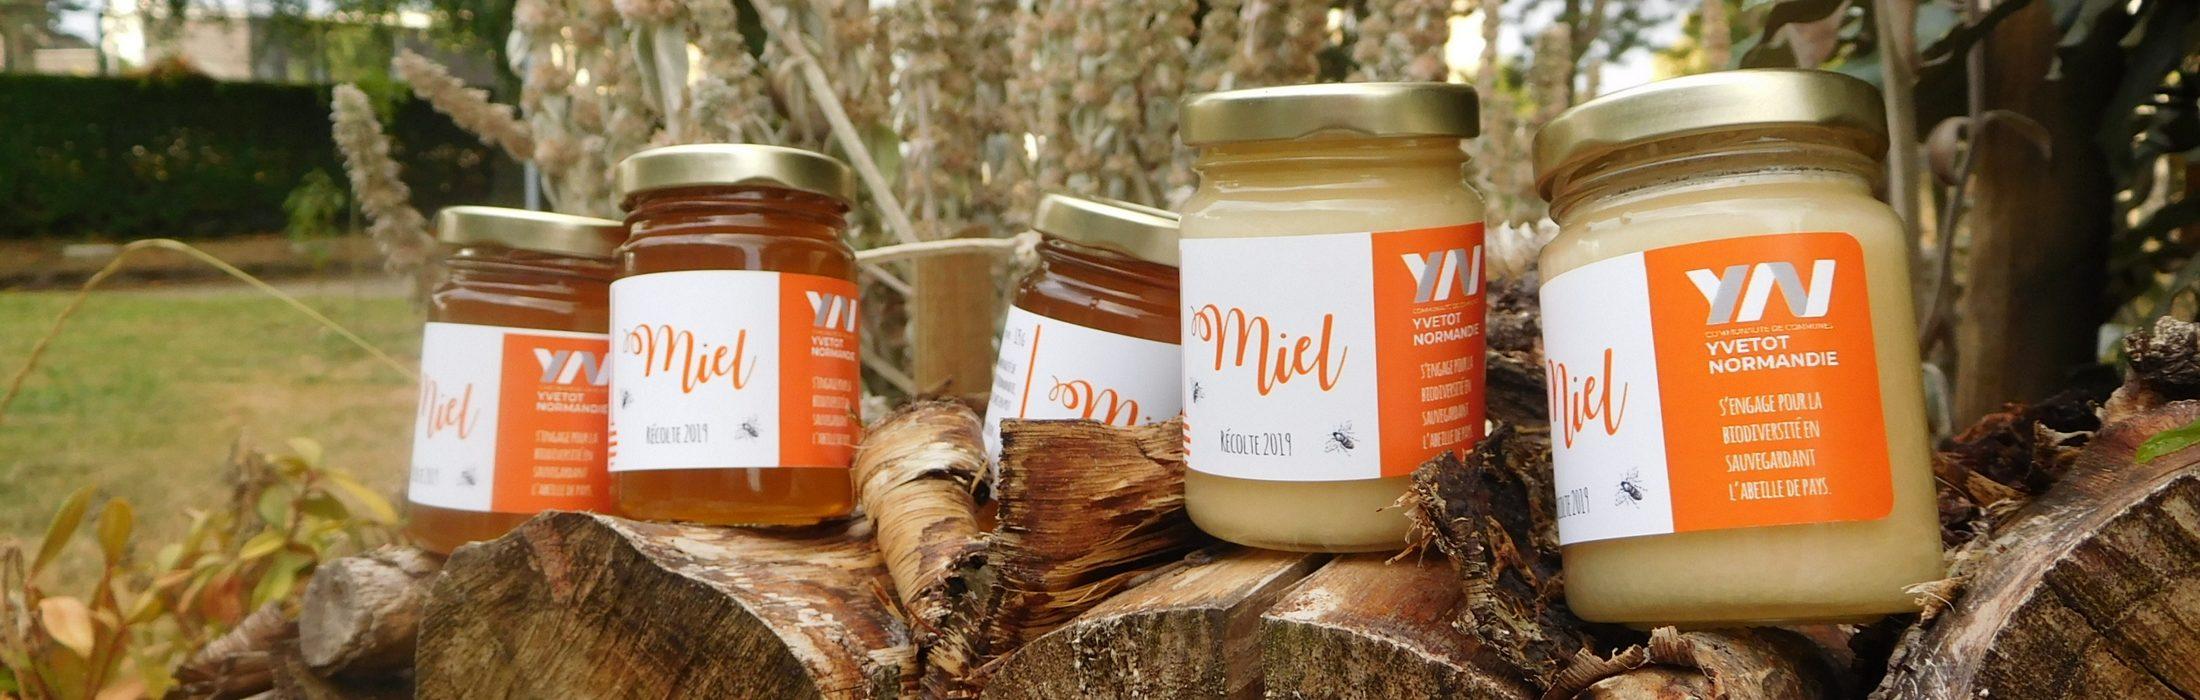 La boutique d'Yvetot Normandie Tourisme vous propose une sélection d'idées cadeaux, de souvenirs de produits gourmands ainsi qu'une 1